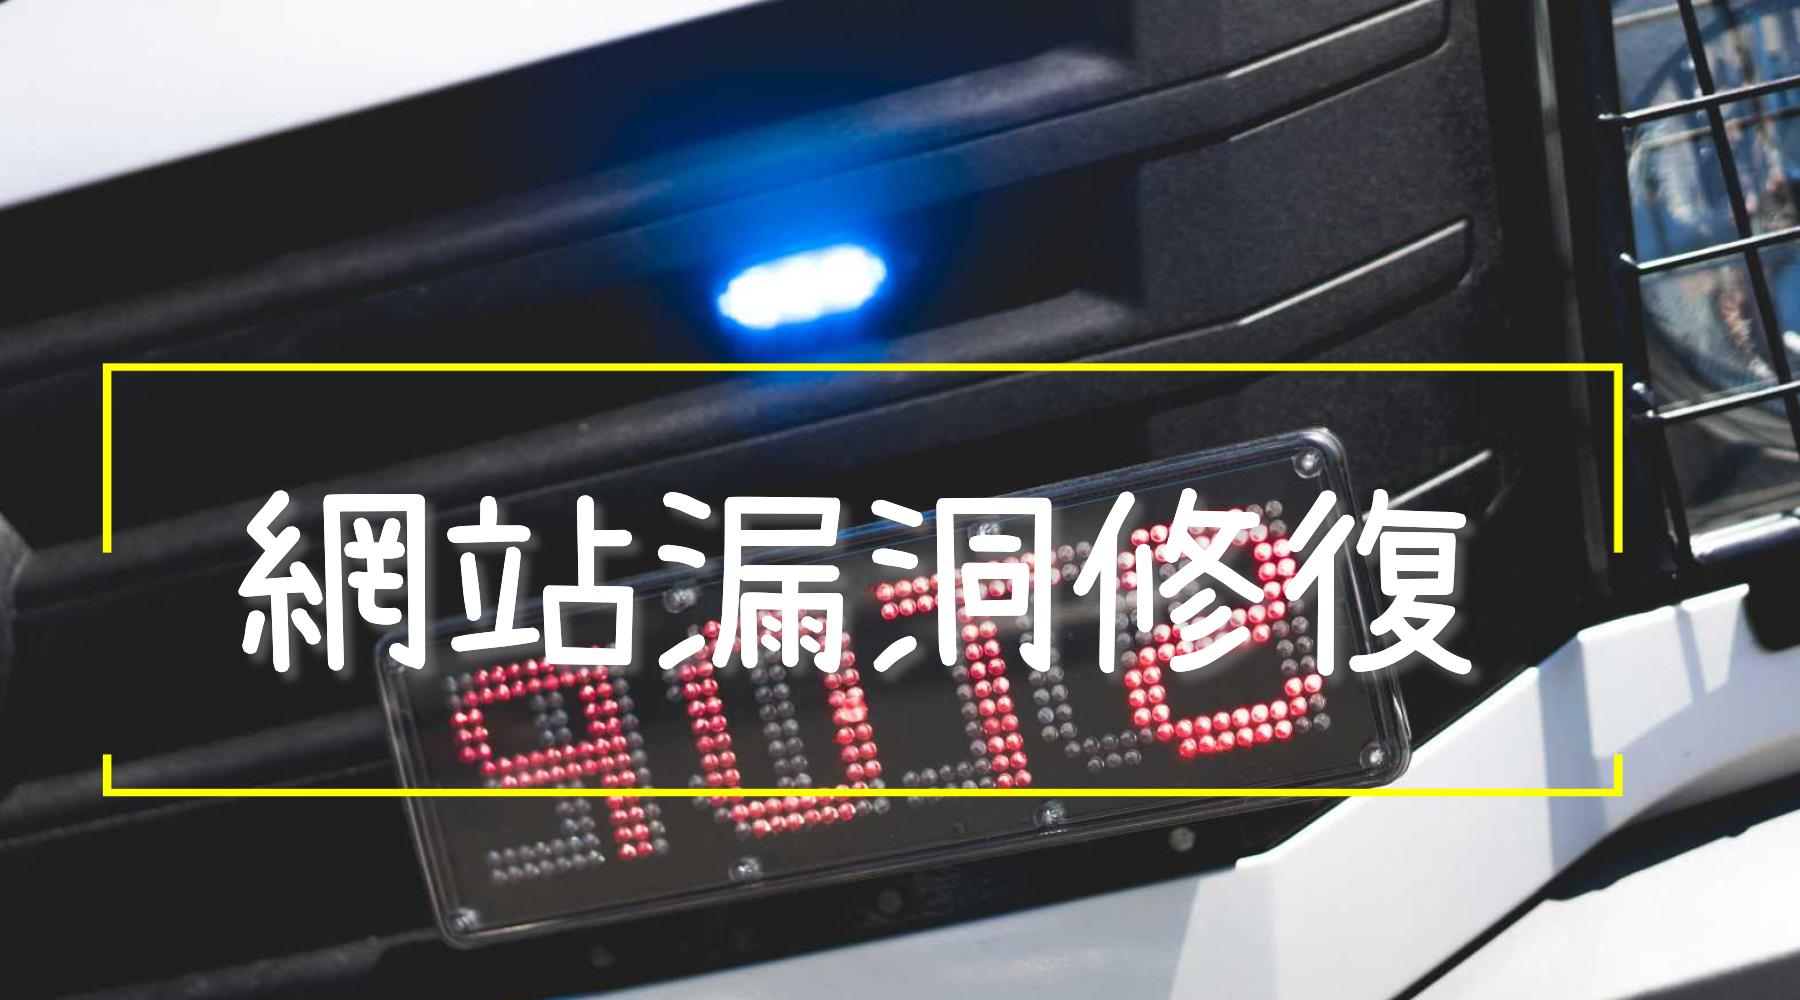 昭通网站防攻击